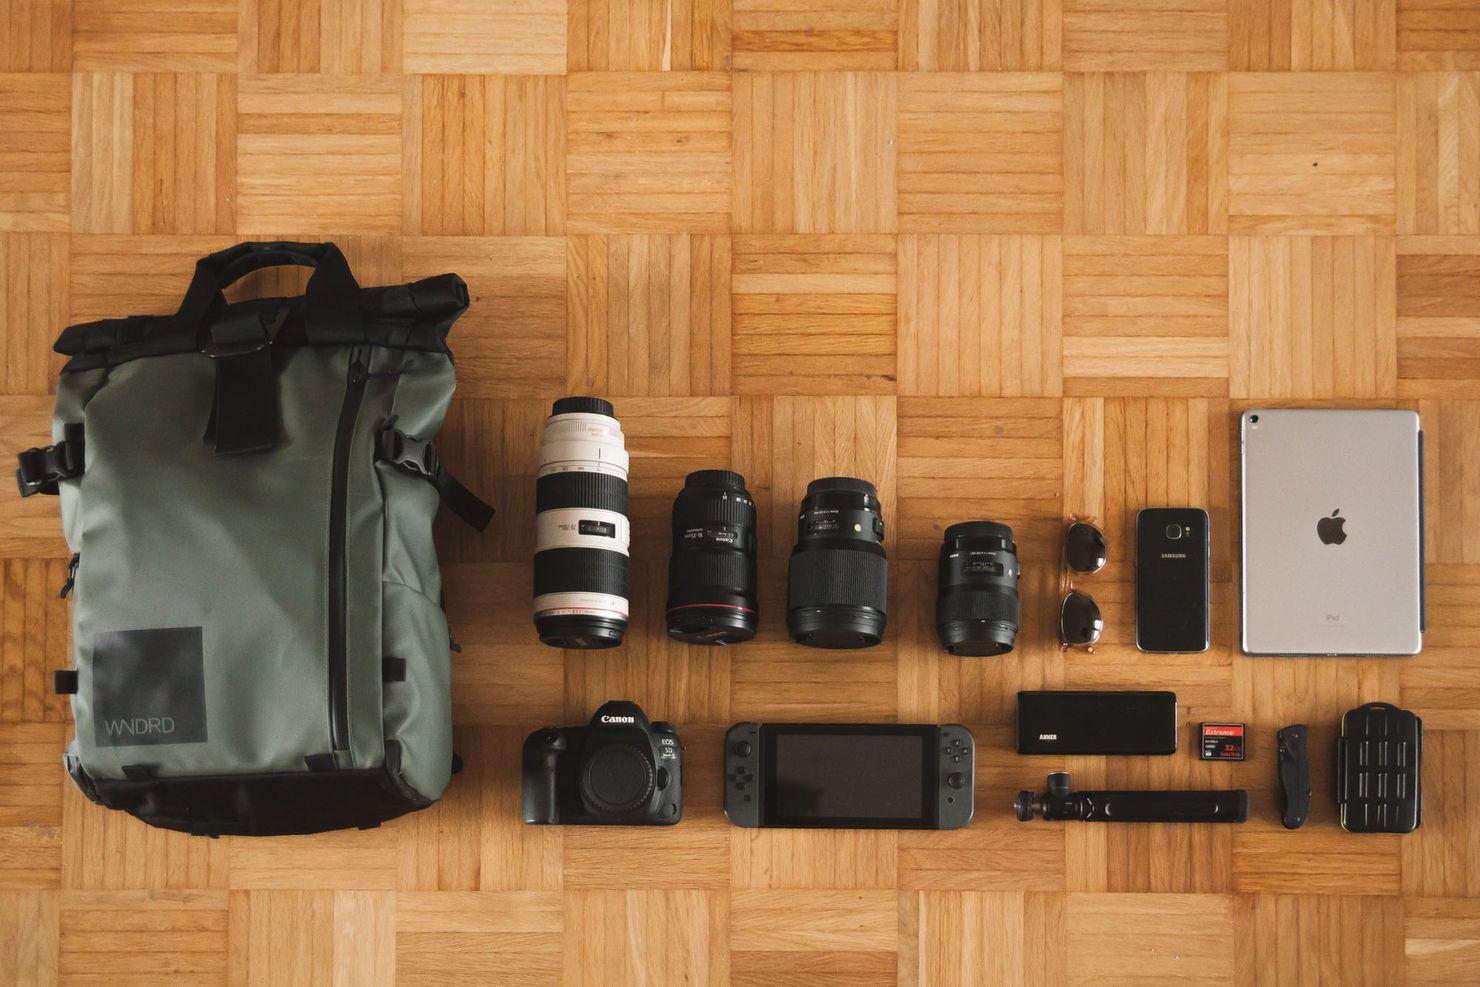 Fotorucksack Wandrd Prvke 21 Kamera Canon 5d Mark Iv Objektive Lensa Ef 70 200mm F 28l Is Ii Usm 200 Mm 28 L 16 35 Iii Sigma 85 14 Dg